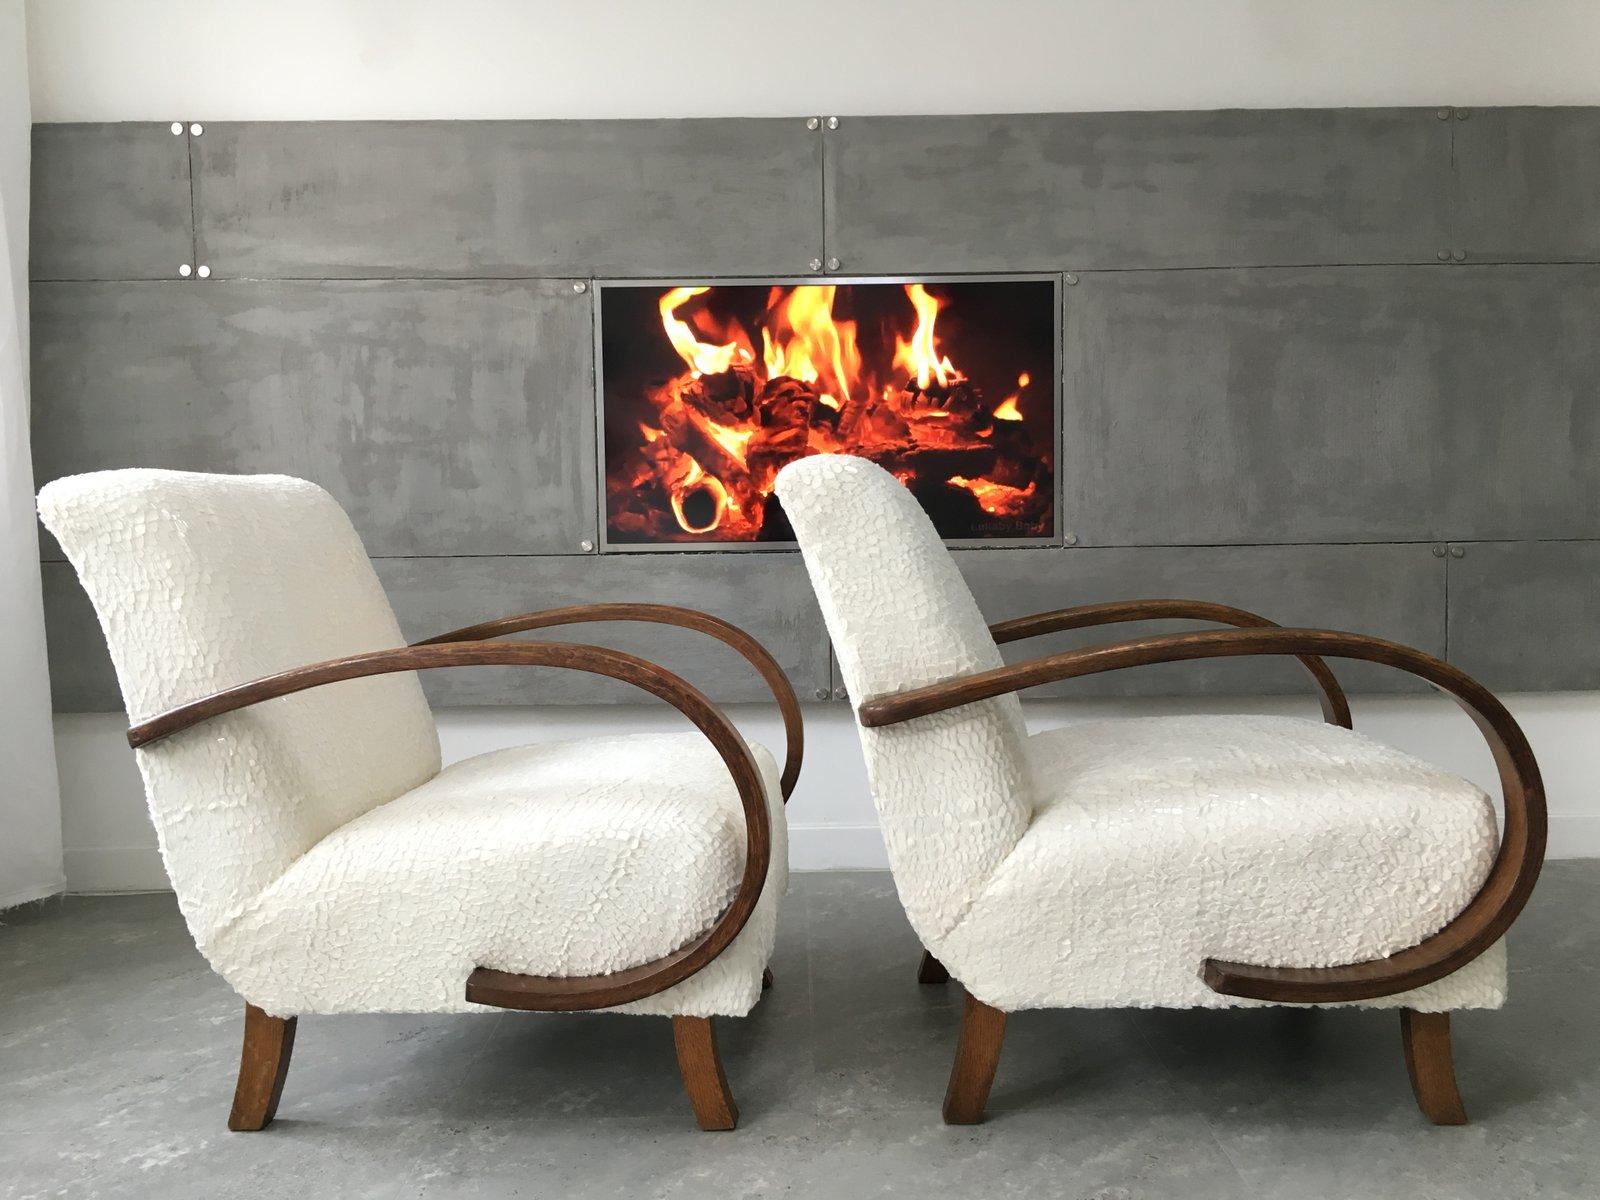 vintage art deco furniture. A$4,372.00 Vintage Art Deco Furniture